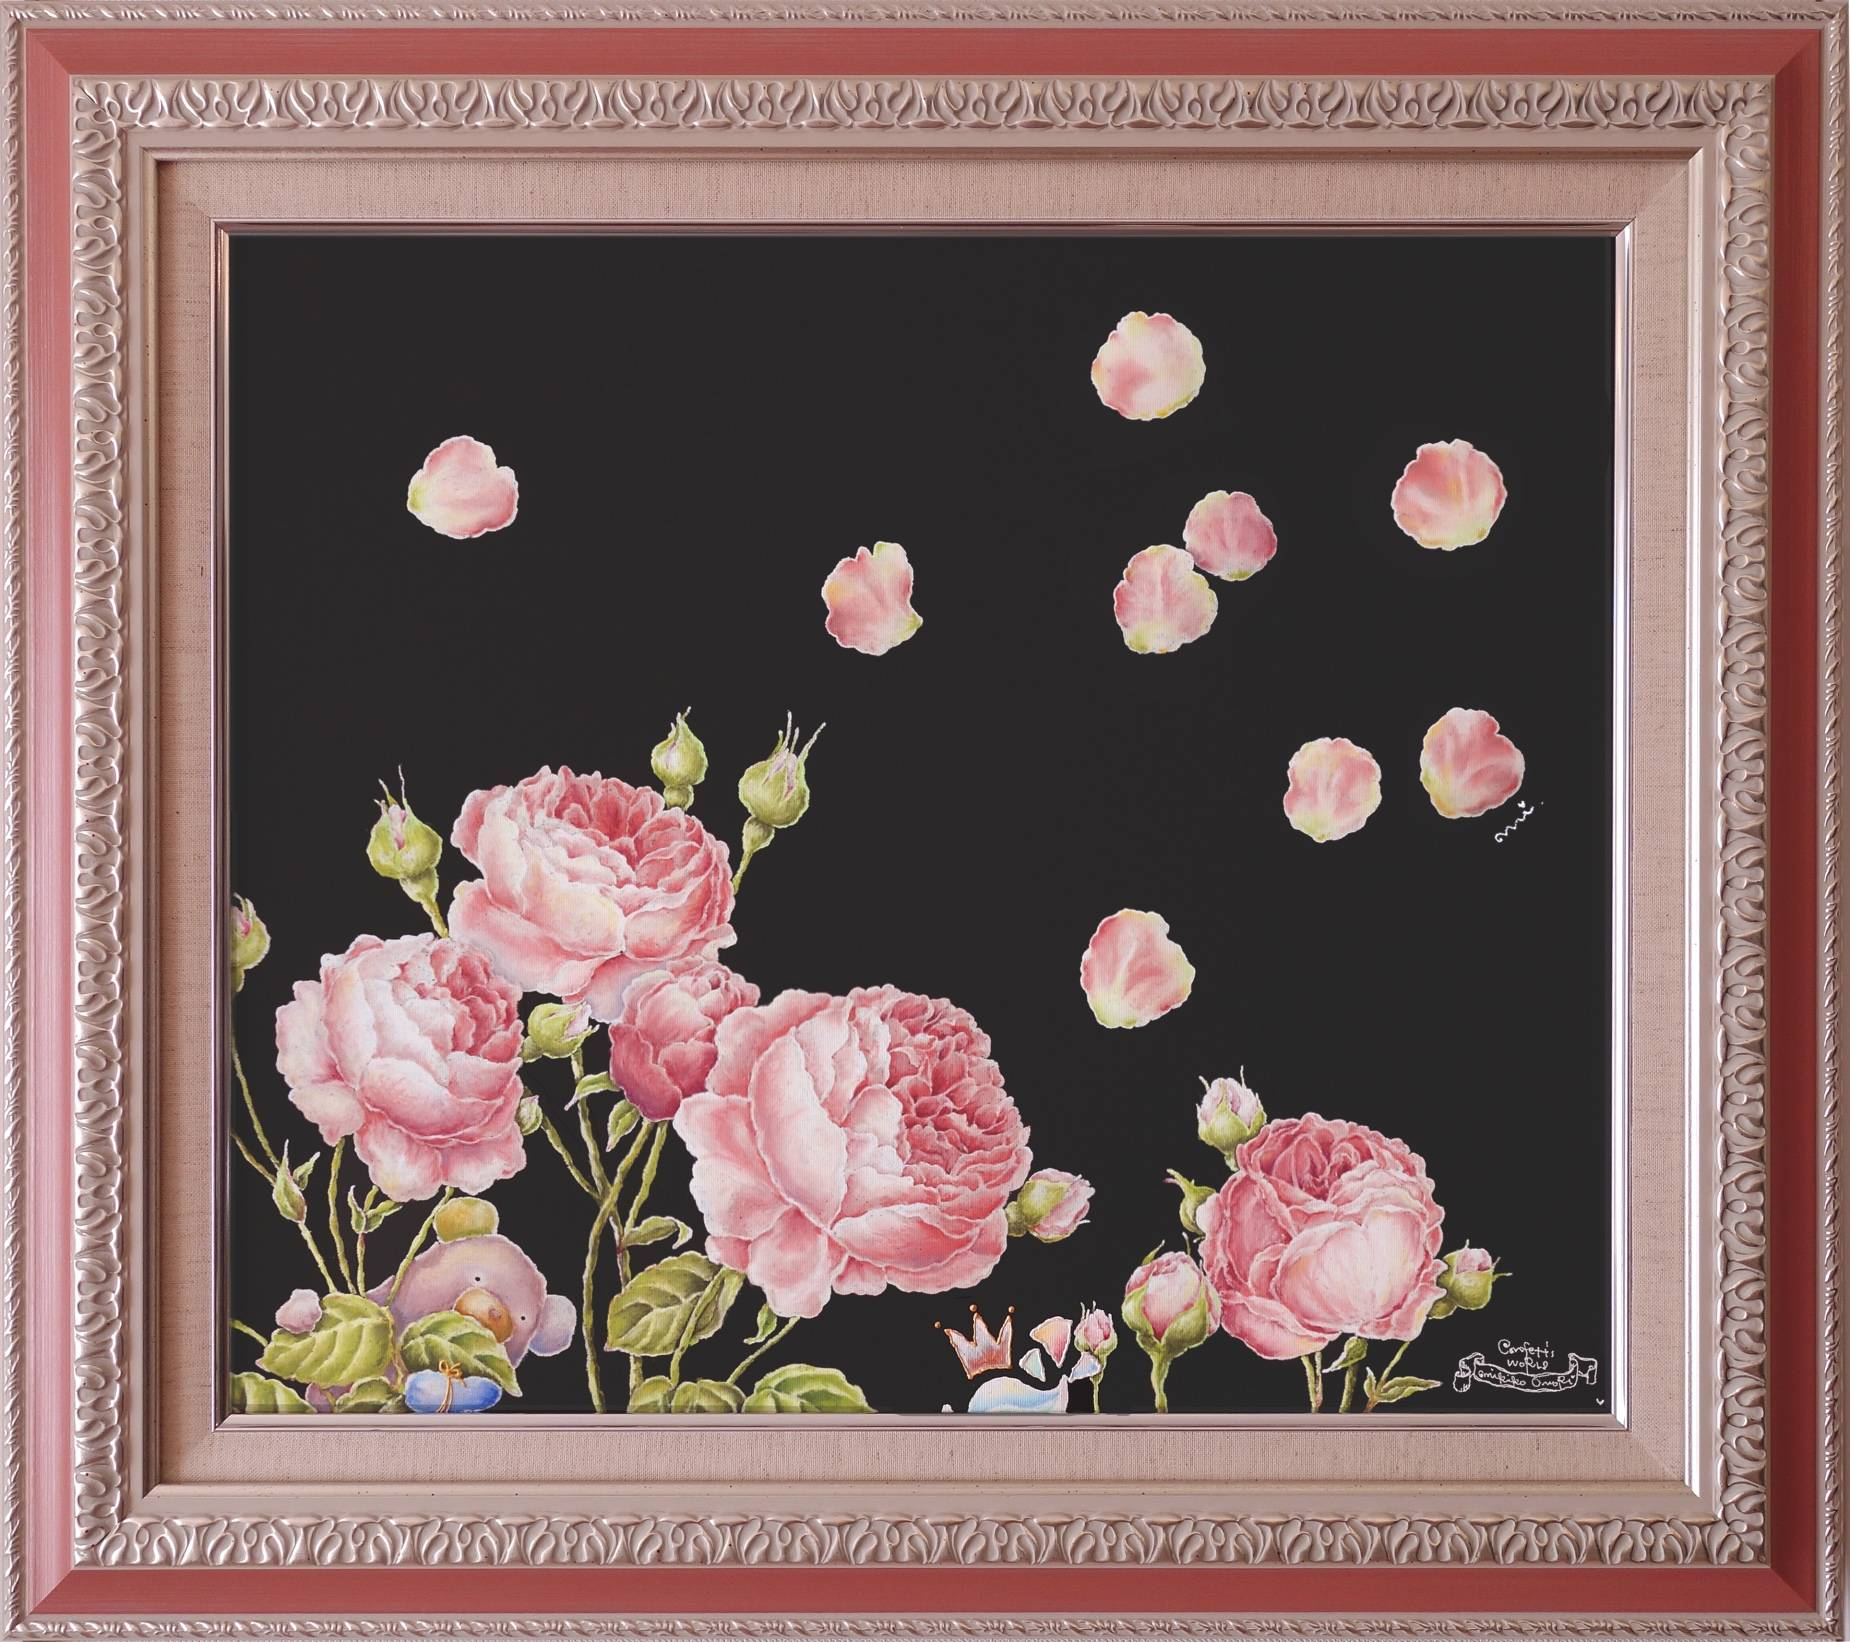 Rose Garden・1 〜Confetti and Semifreddo